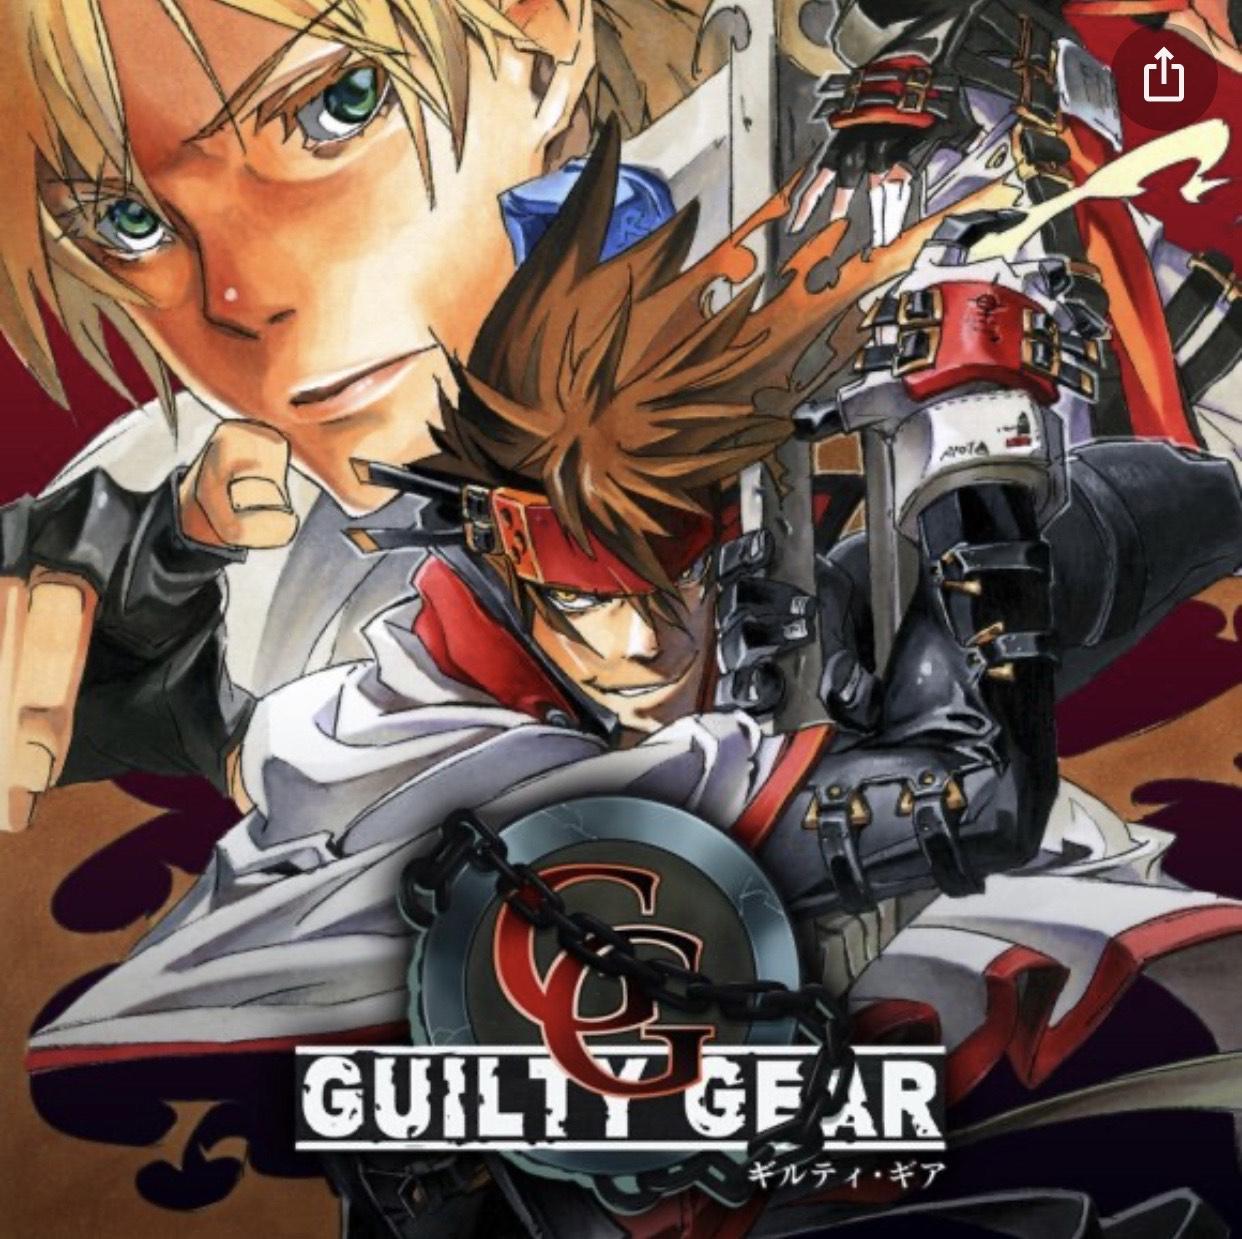 Guilty Gear XX Accent Core PLUS R (switch) £8.70 @ Nintendo Shop